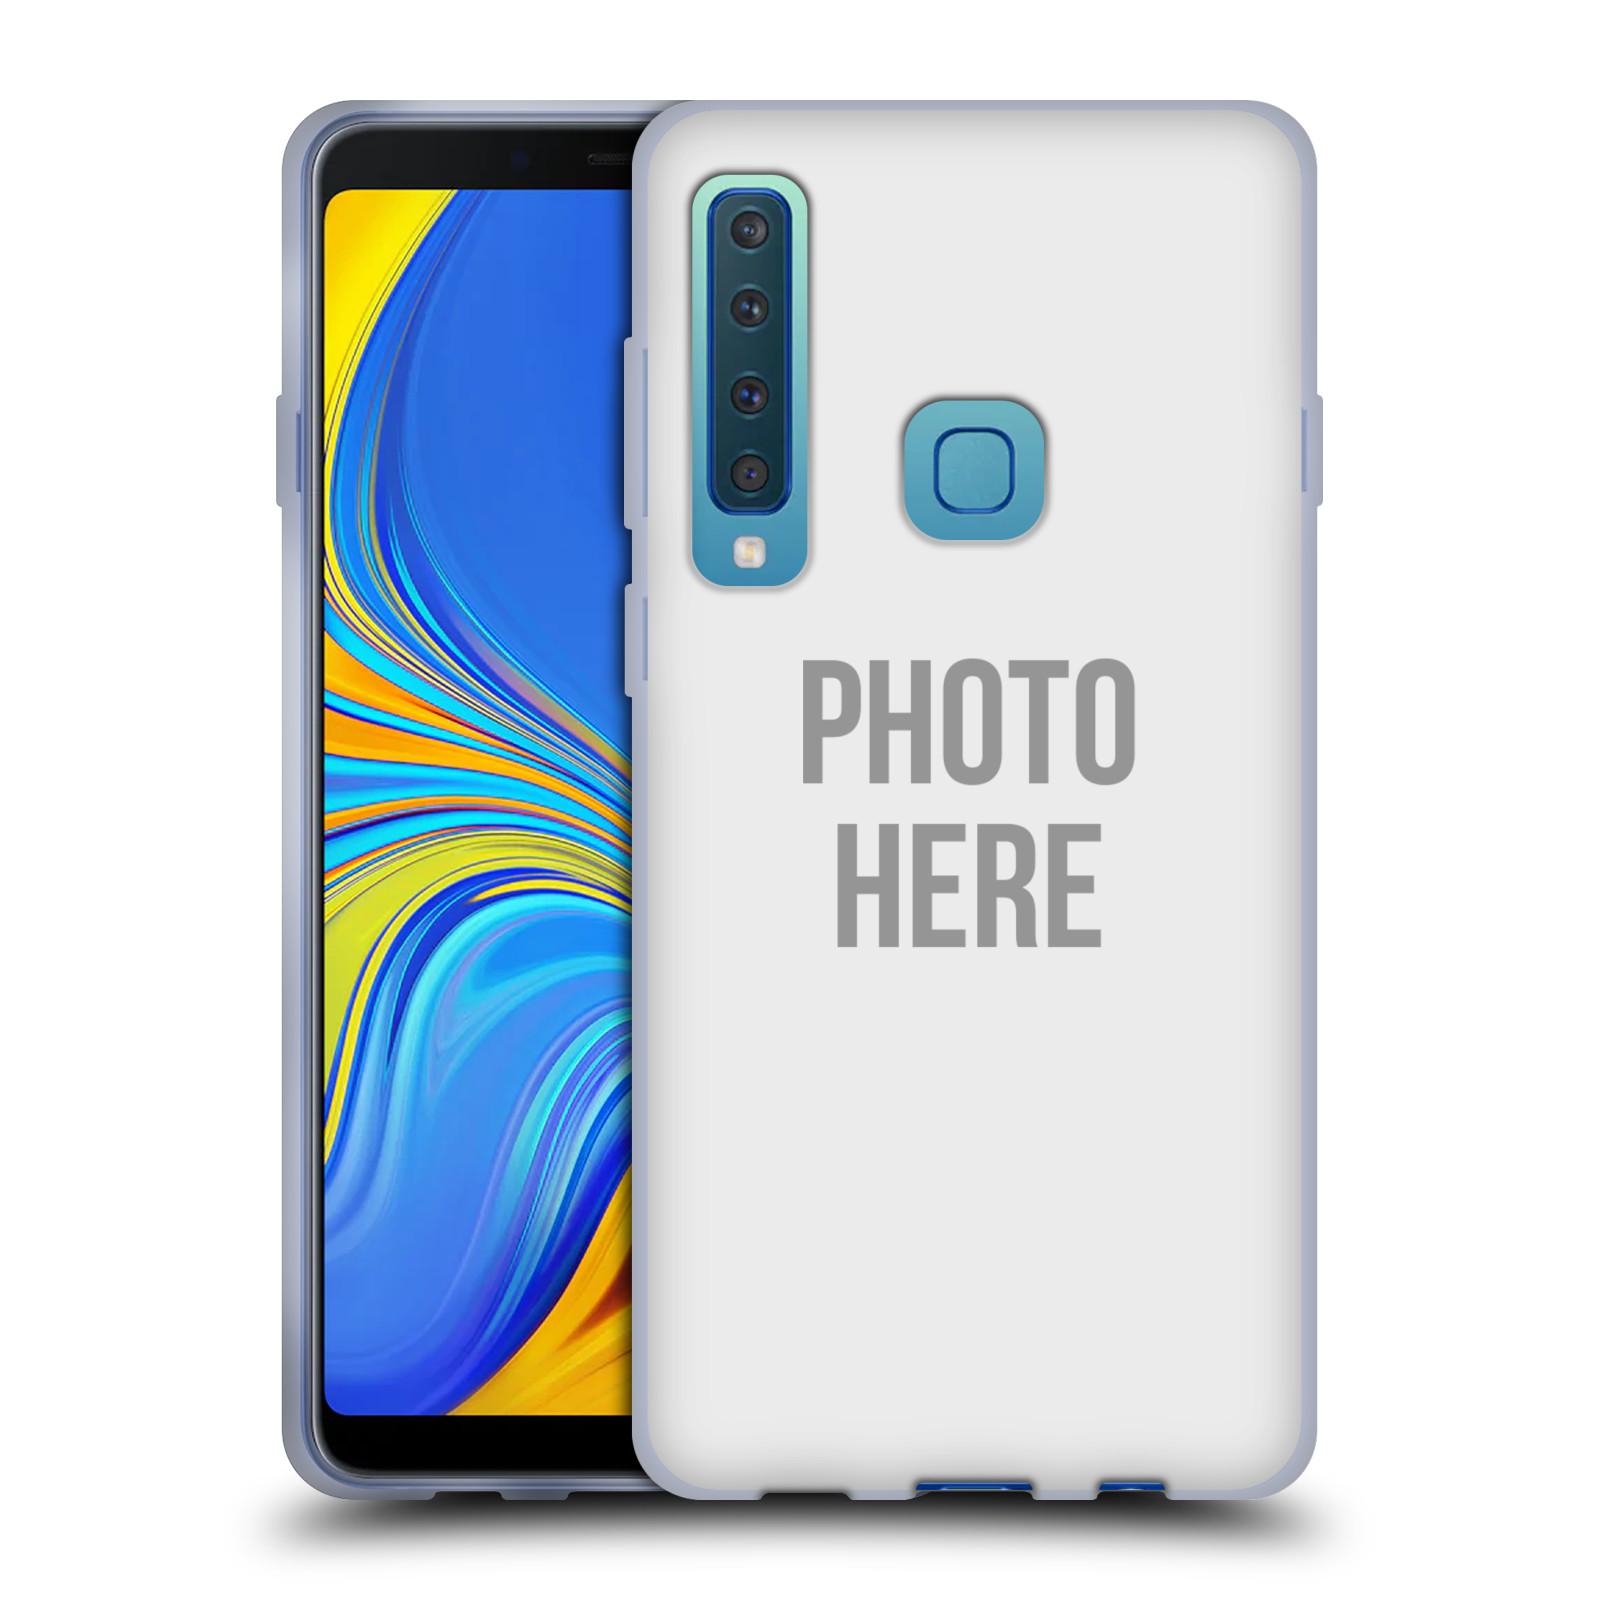 Silikonové pouzdro na mobil Samsung Galaxy A9 (2018) - Head Case - s vlastním motivem